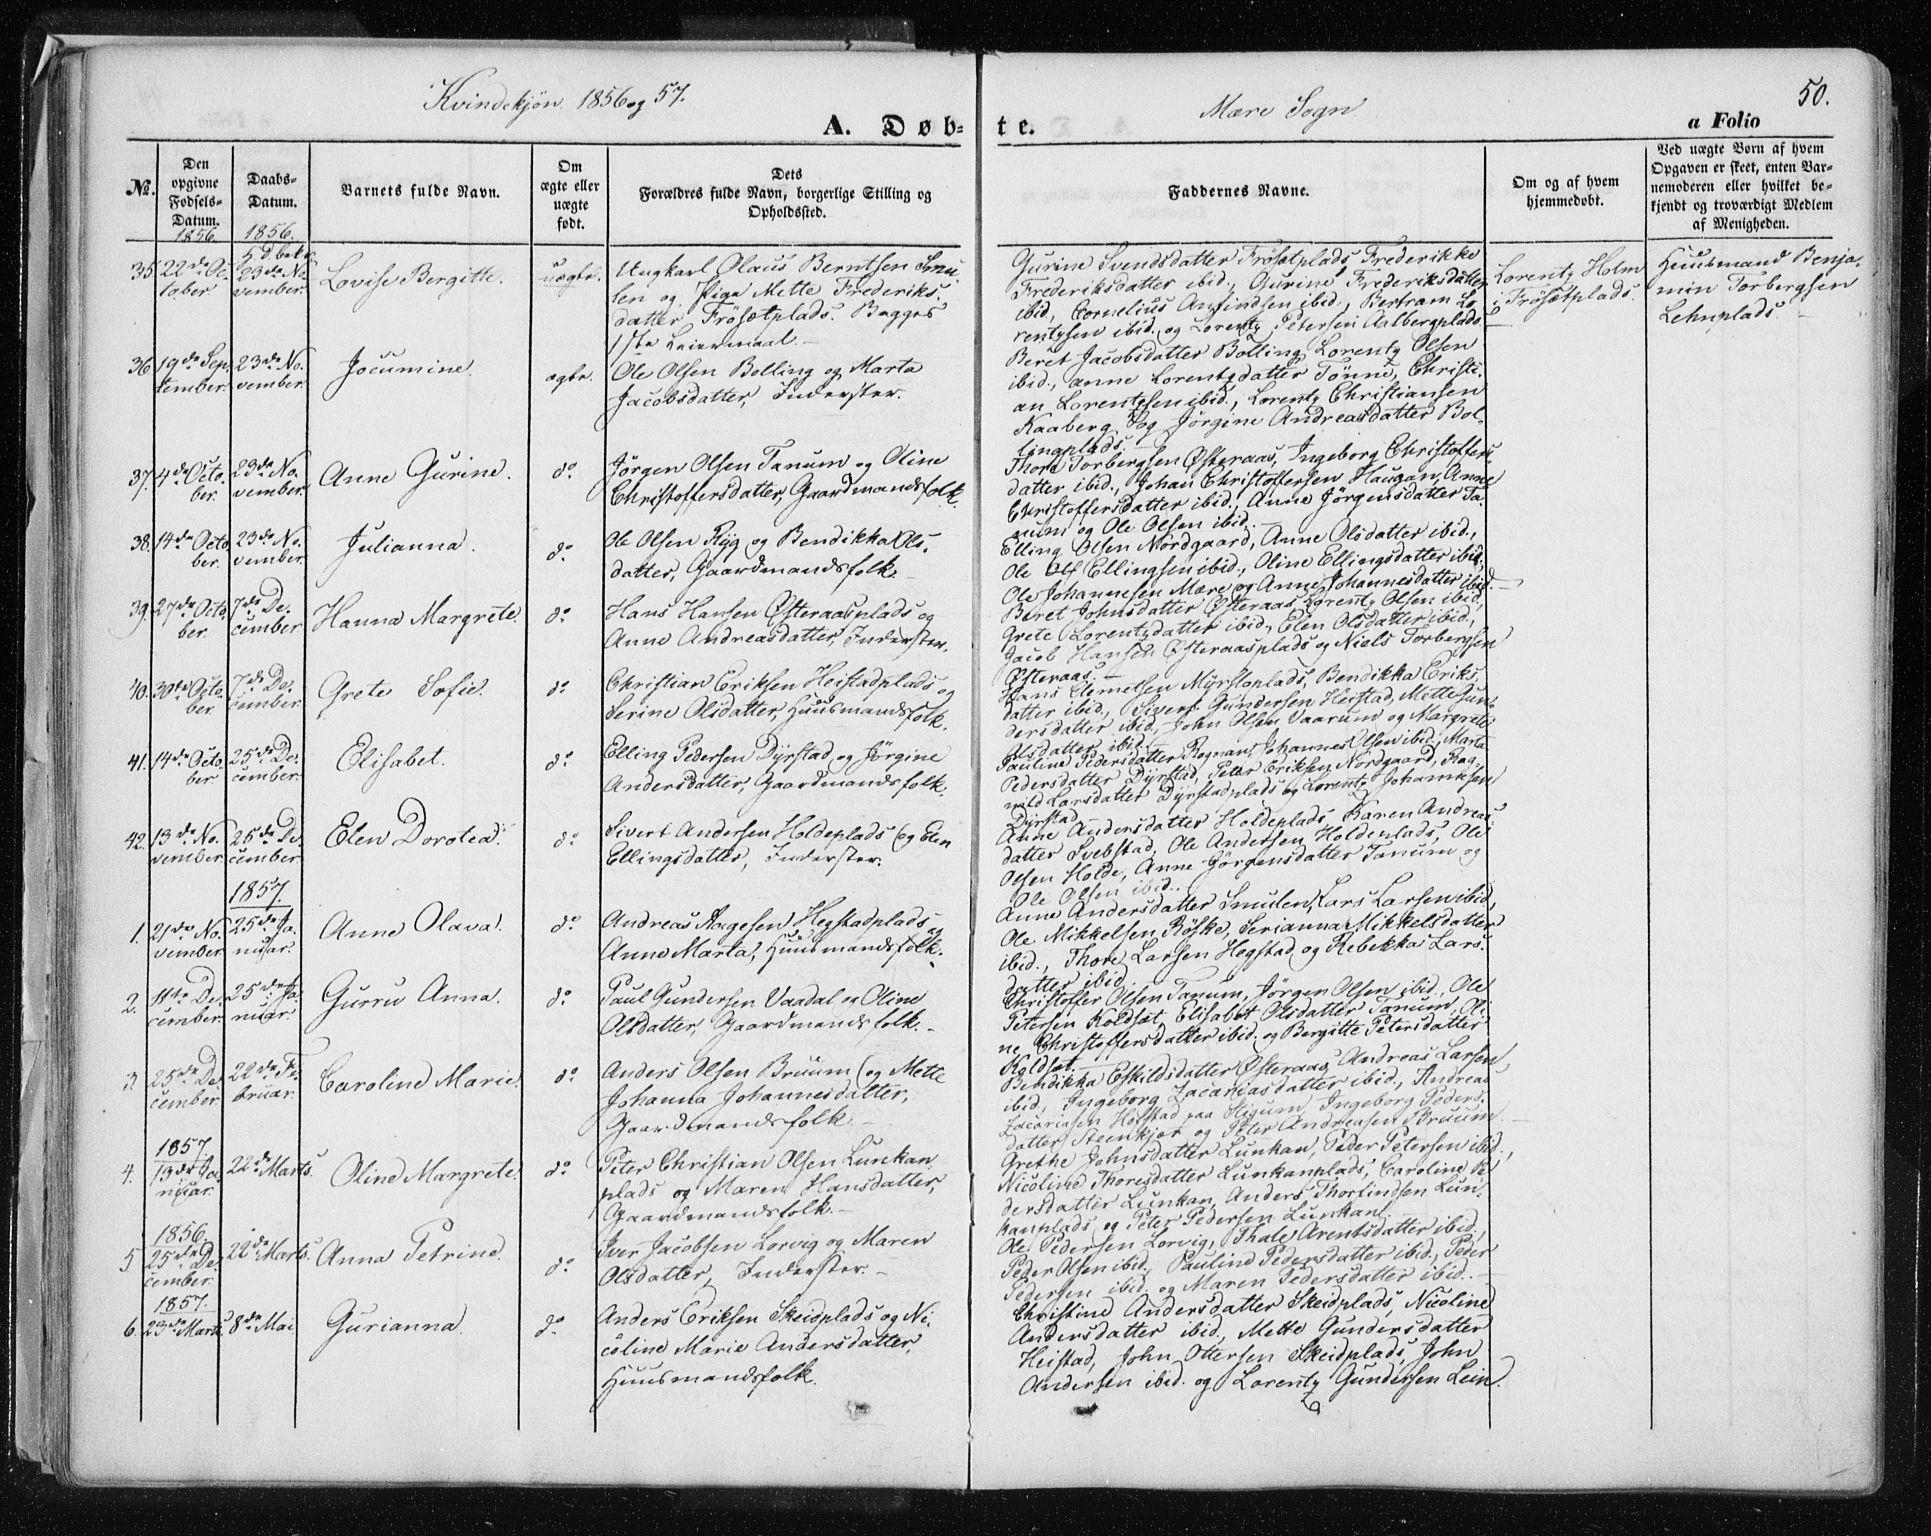 SAT, Ministerialprotokoller, klokkerbøker og fødselsregistre - Nord-Trøndelag, 735/L0342: Ministerialbok nr. 735A07 /1, 1849-1862, s. 50